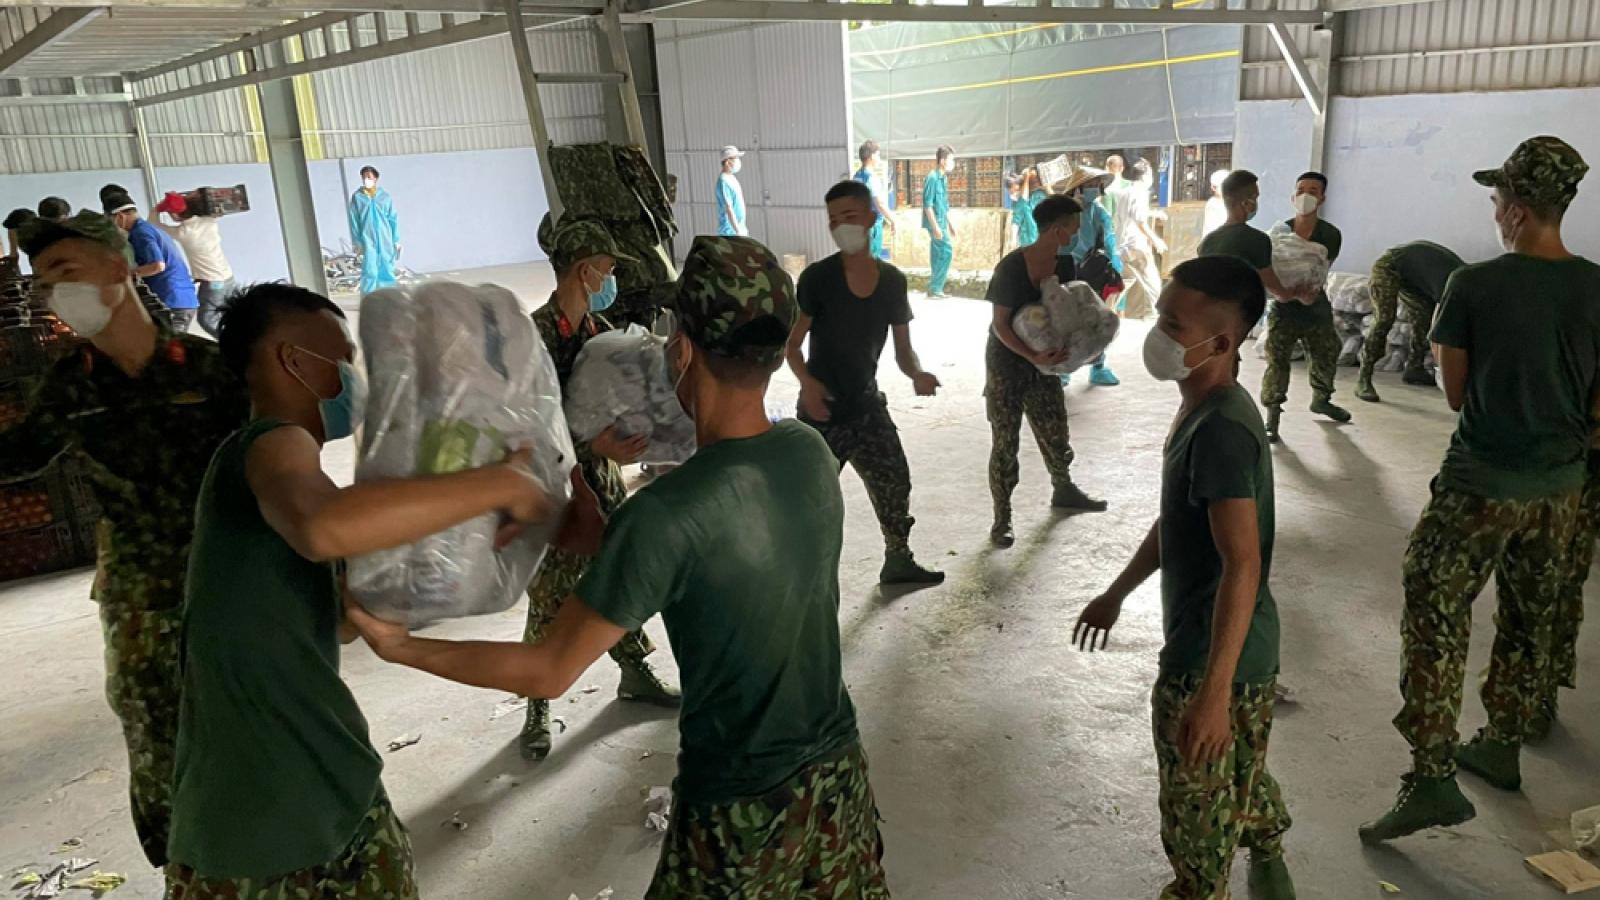 Bộ Quốc phòng điều 2.000 quân nhân, 50 trạm xá di động giúp Bình Dương dập dịch